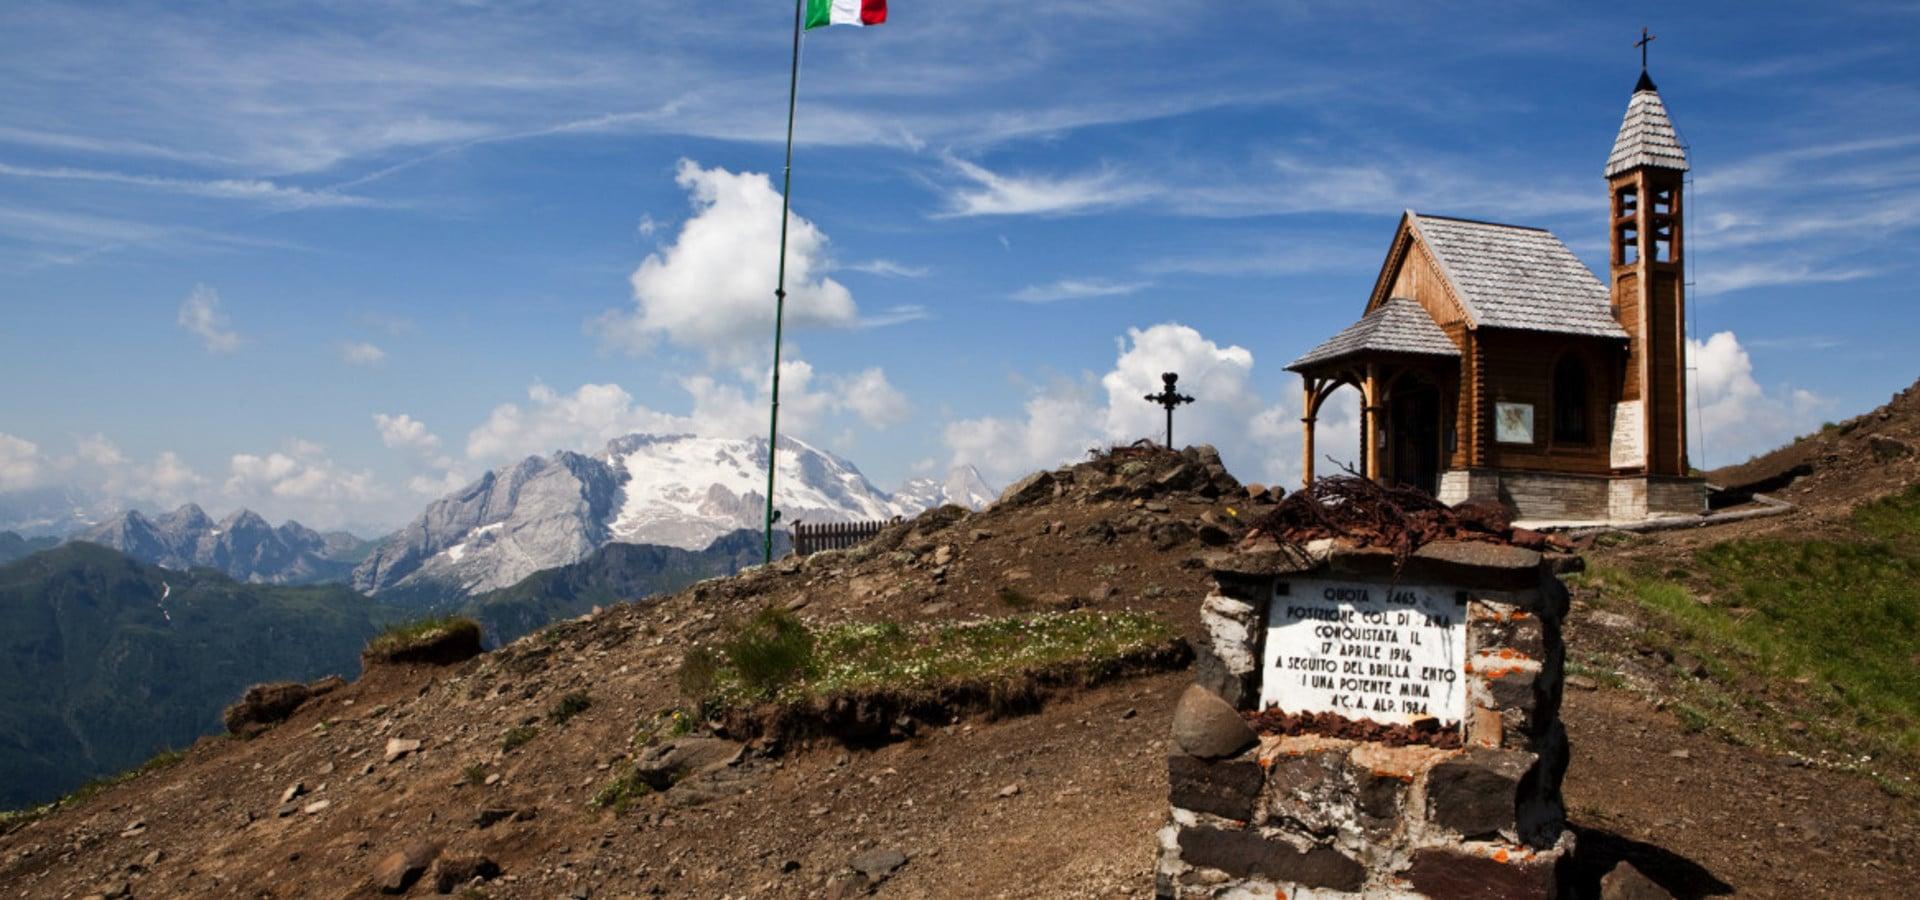 04.08.19 Commemorazione dei caduti Cima Col di Lana